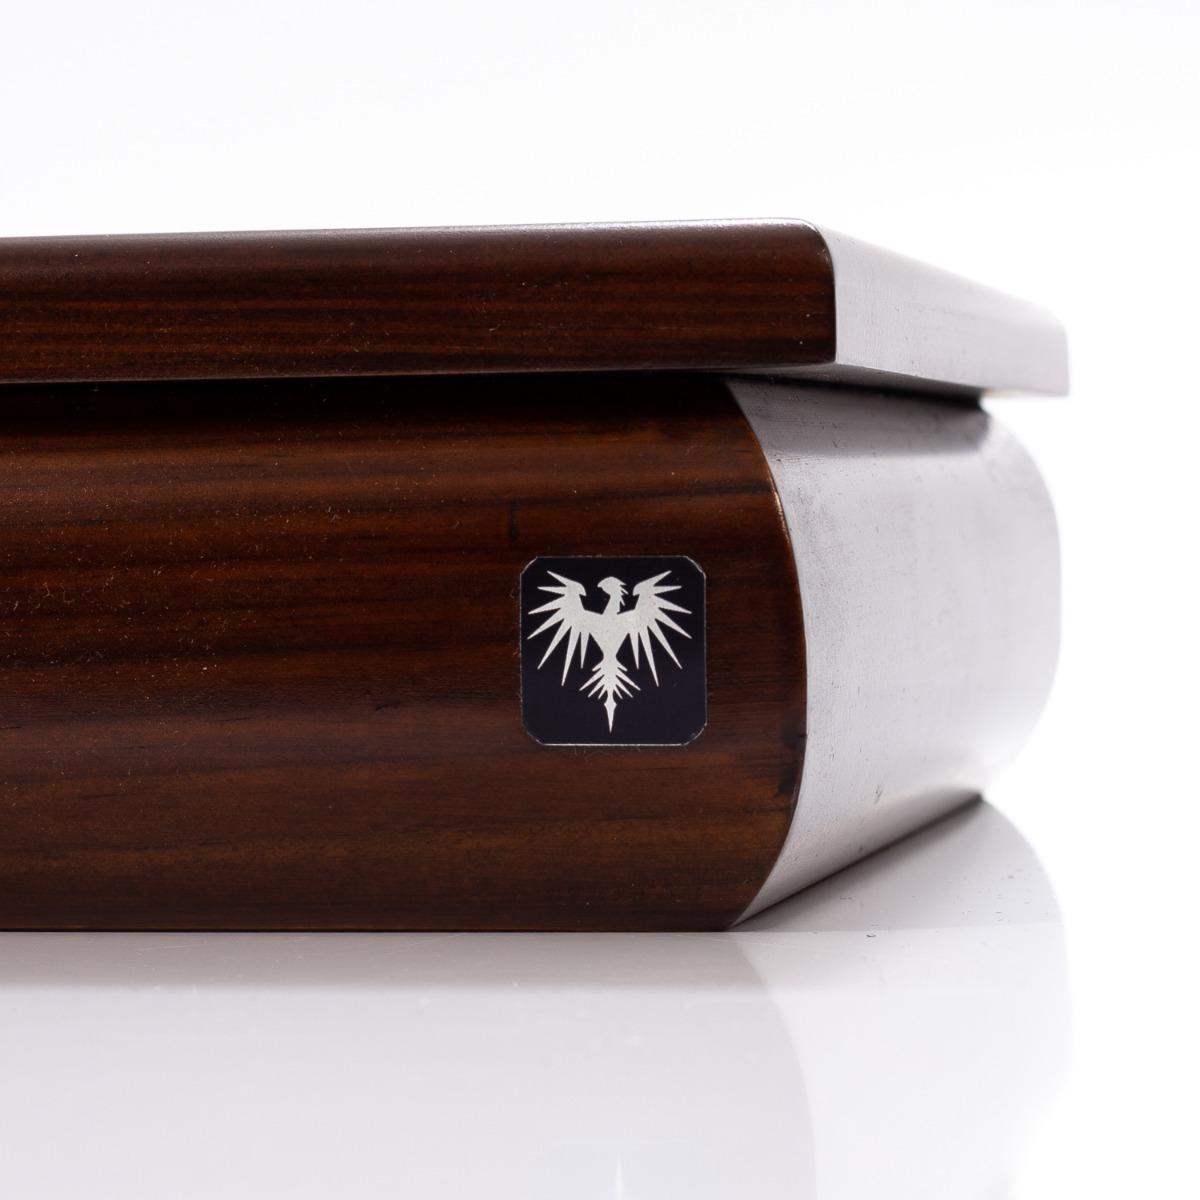 dad341fd107 Caixa Porta Estojo   oval   Para 12 Relógios Madeira Maciça. - R ...